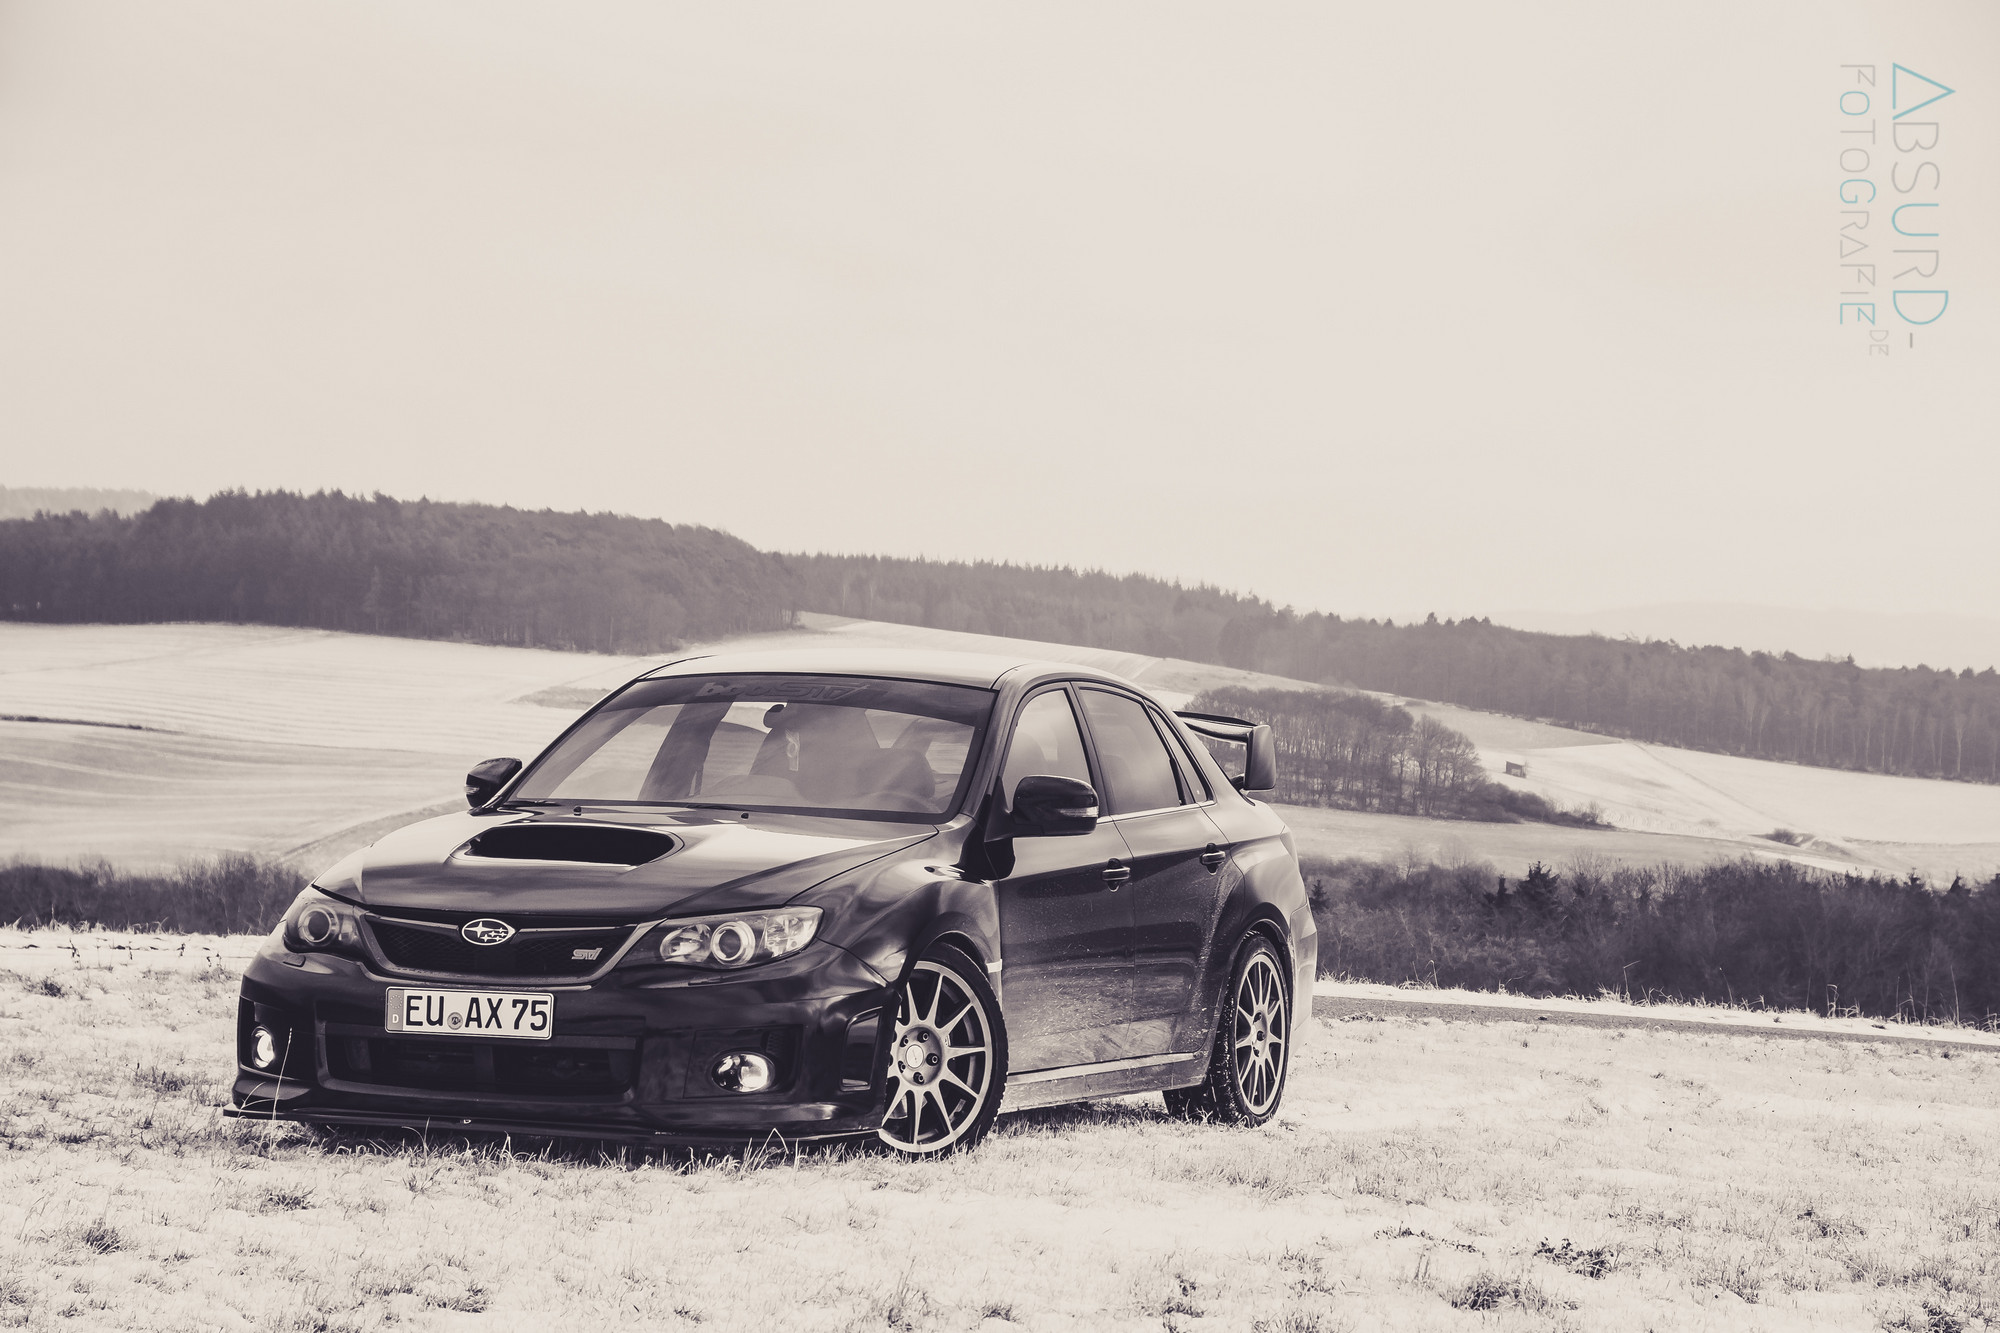 2019-01-20-Alex-Subaru-STI - DSC02219-00336-lredit-_tn.jpg